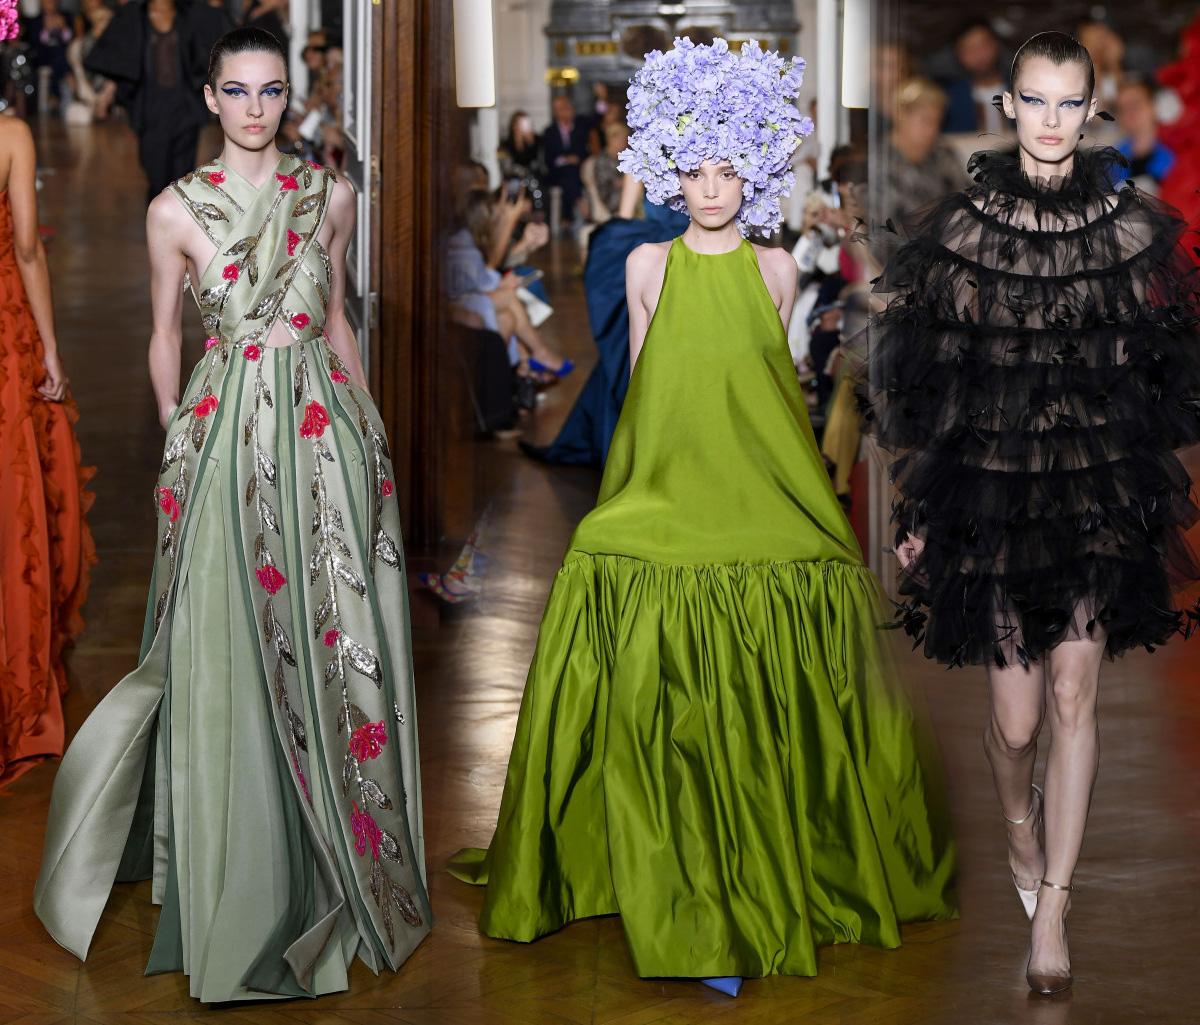 6036c7aad90 Фото Вечерние платья Валентино из коллекции Valentino Fall Couture 2018 на  осень 2019